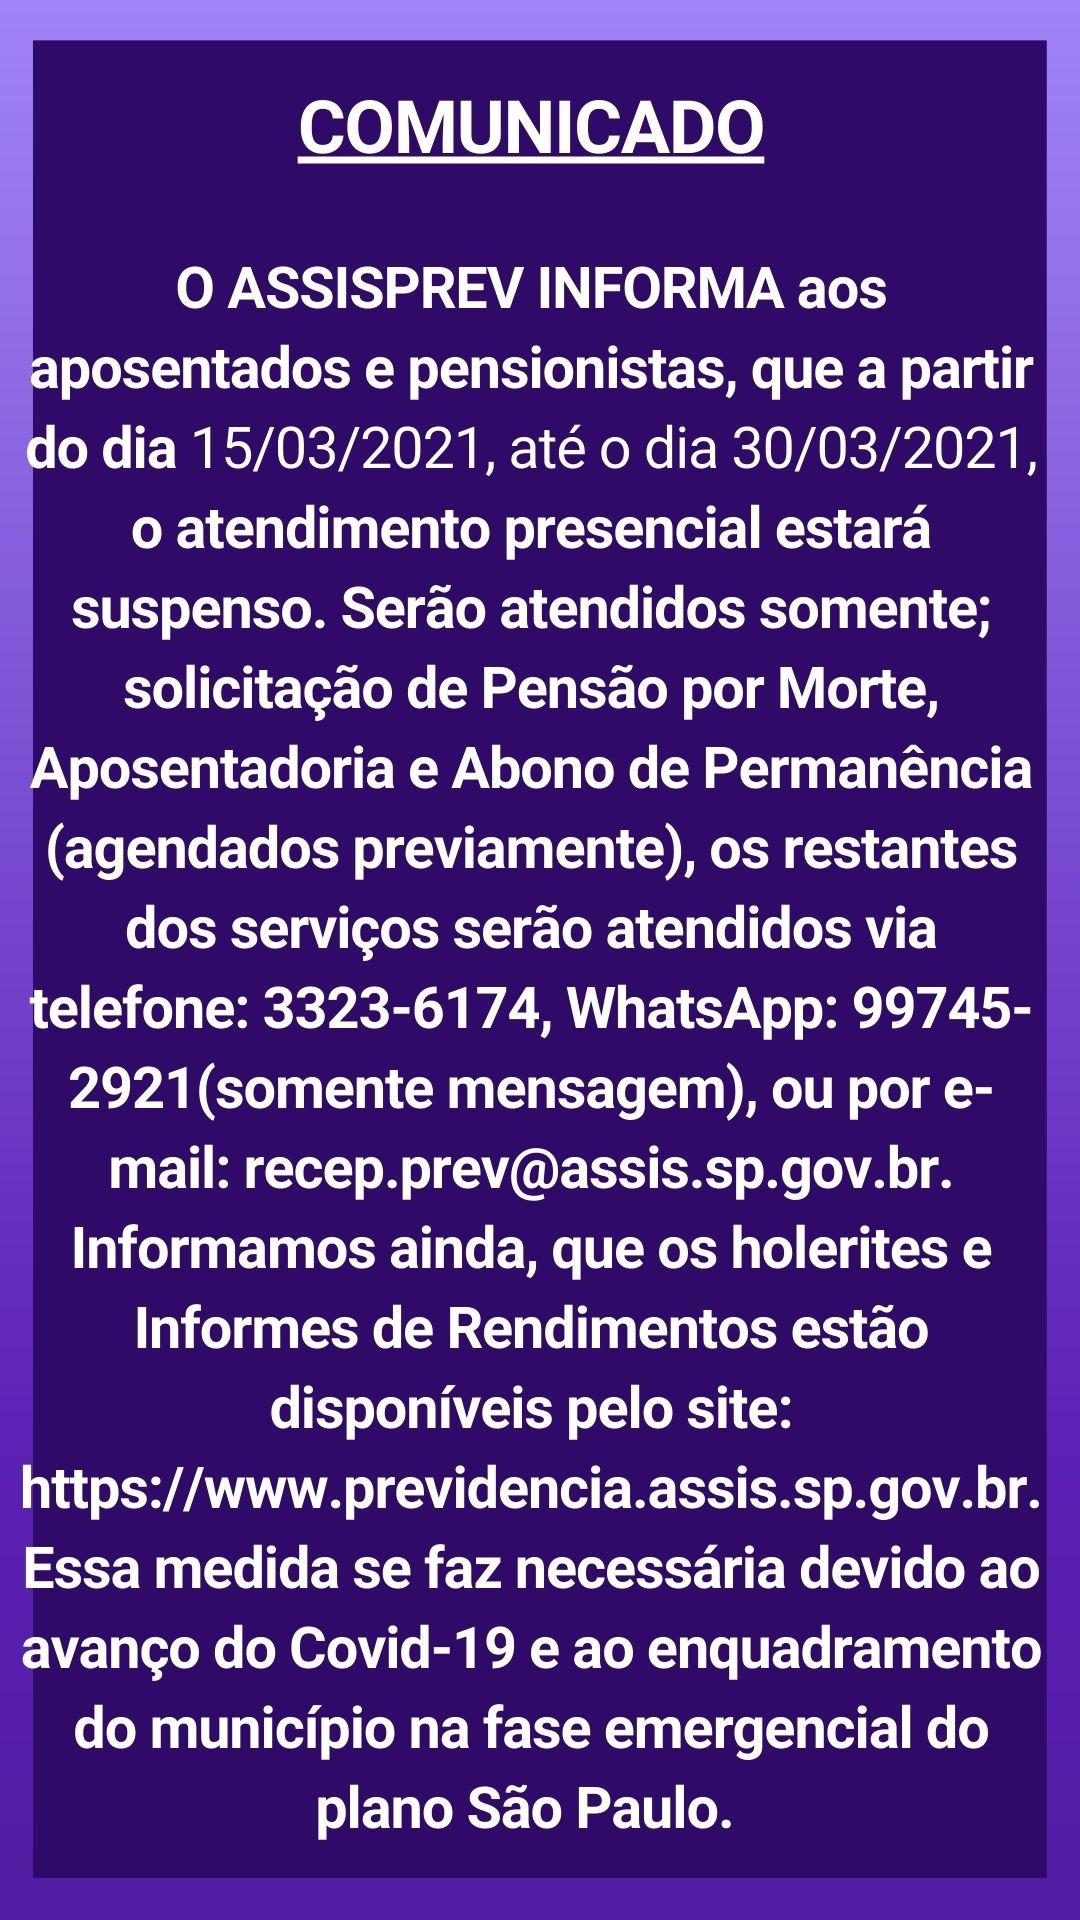 SUSPENSÃO DO ATENDIMENTO PRESENCIAL DO DIA 15/03/2021 AO DIA 30/03/2021